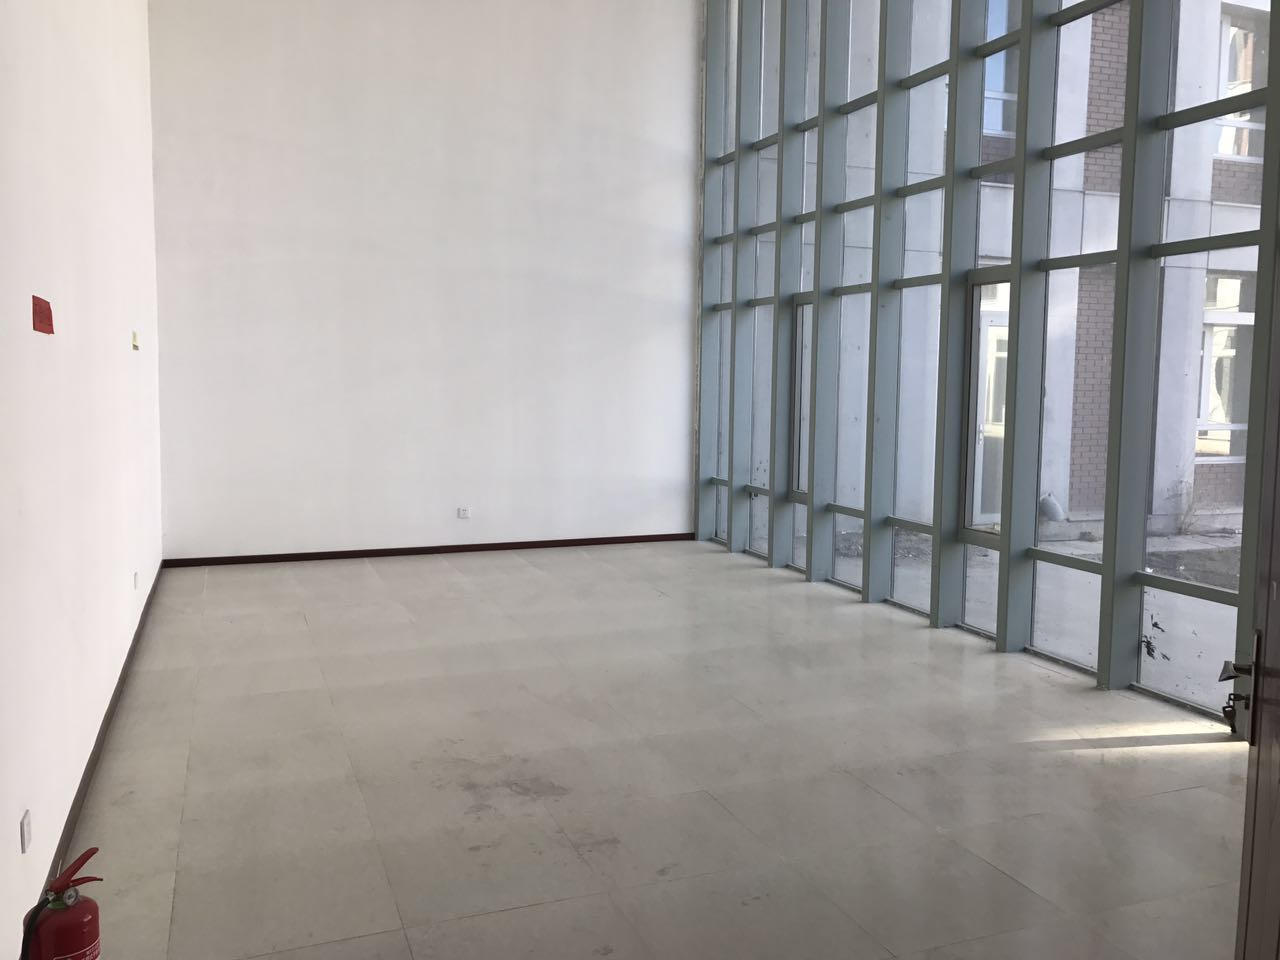 临地铁 中关村环保科技园 独栋8500平招租 随时看